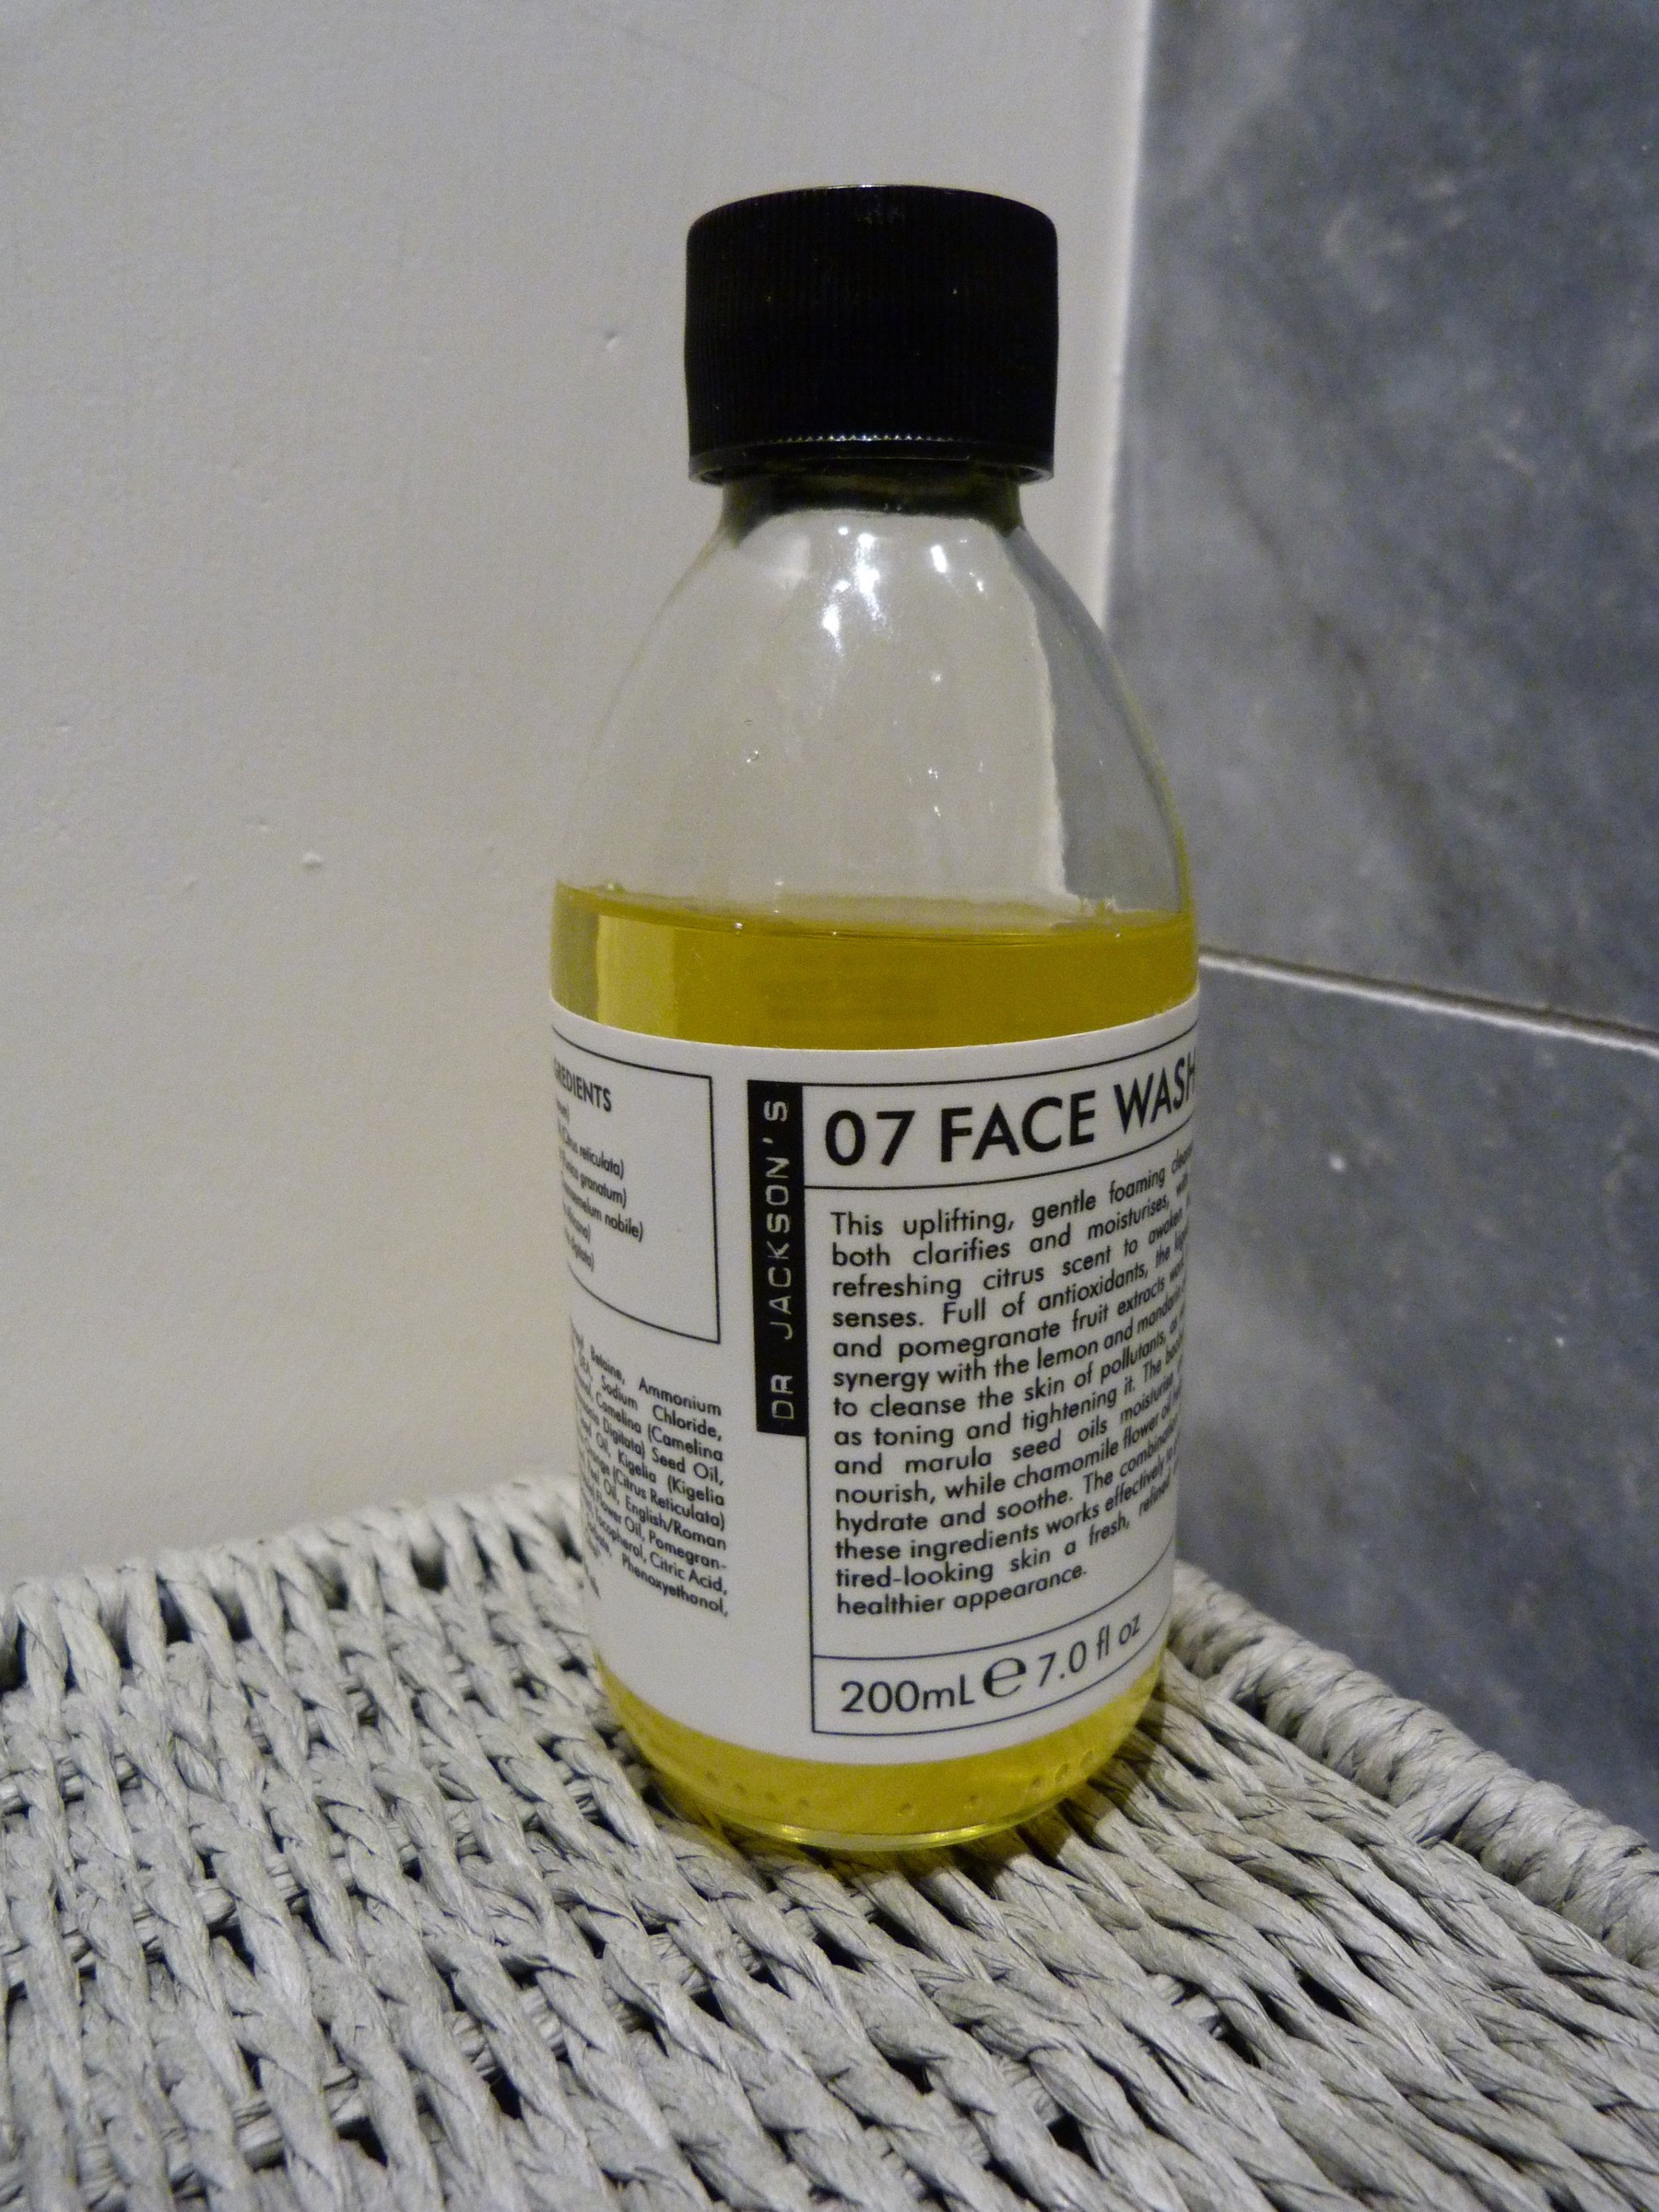 Dr Jackson's 07 Face Wash